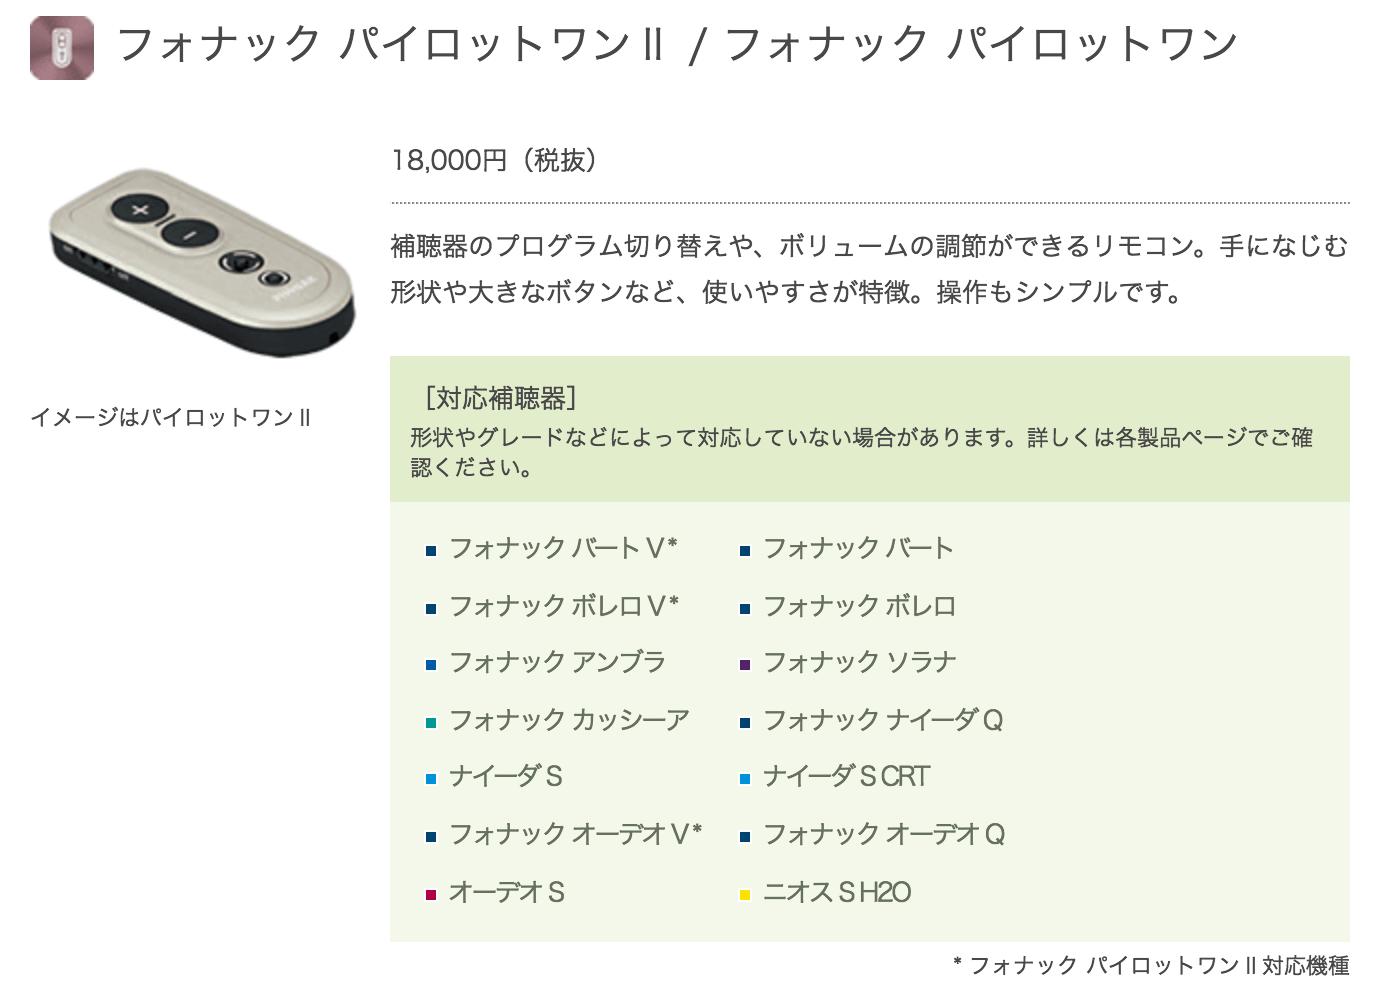 フォナックのリモコン、操作のしやすさを追求したシンプルな作りになっている